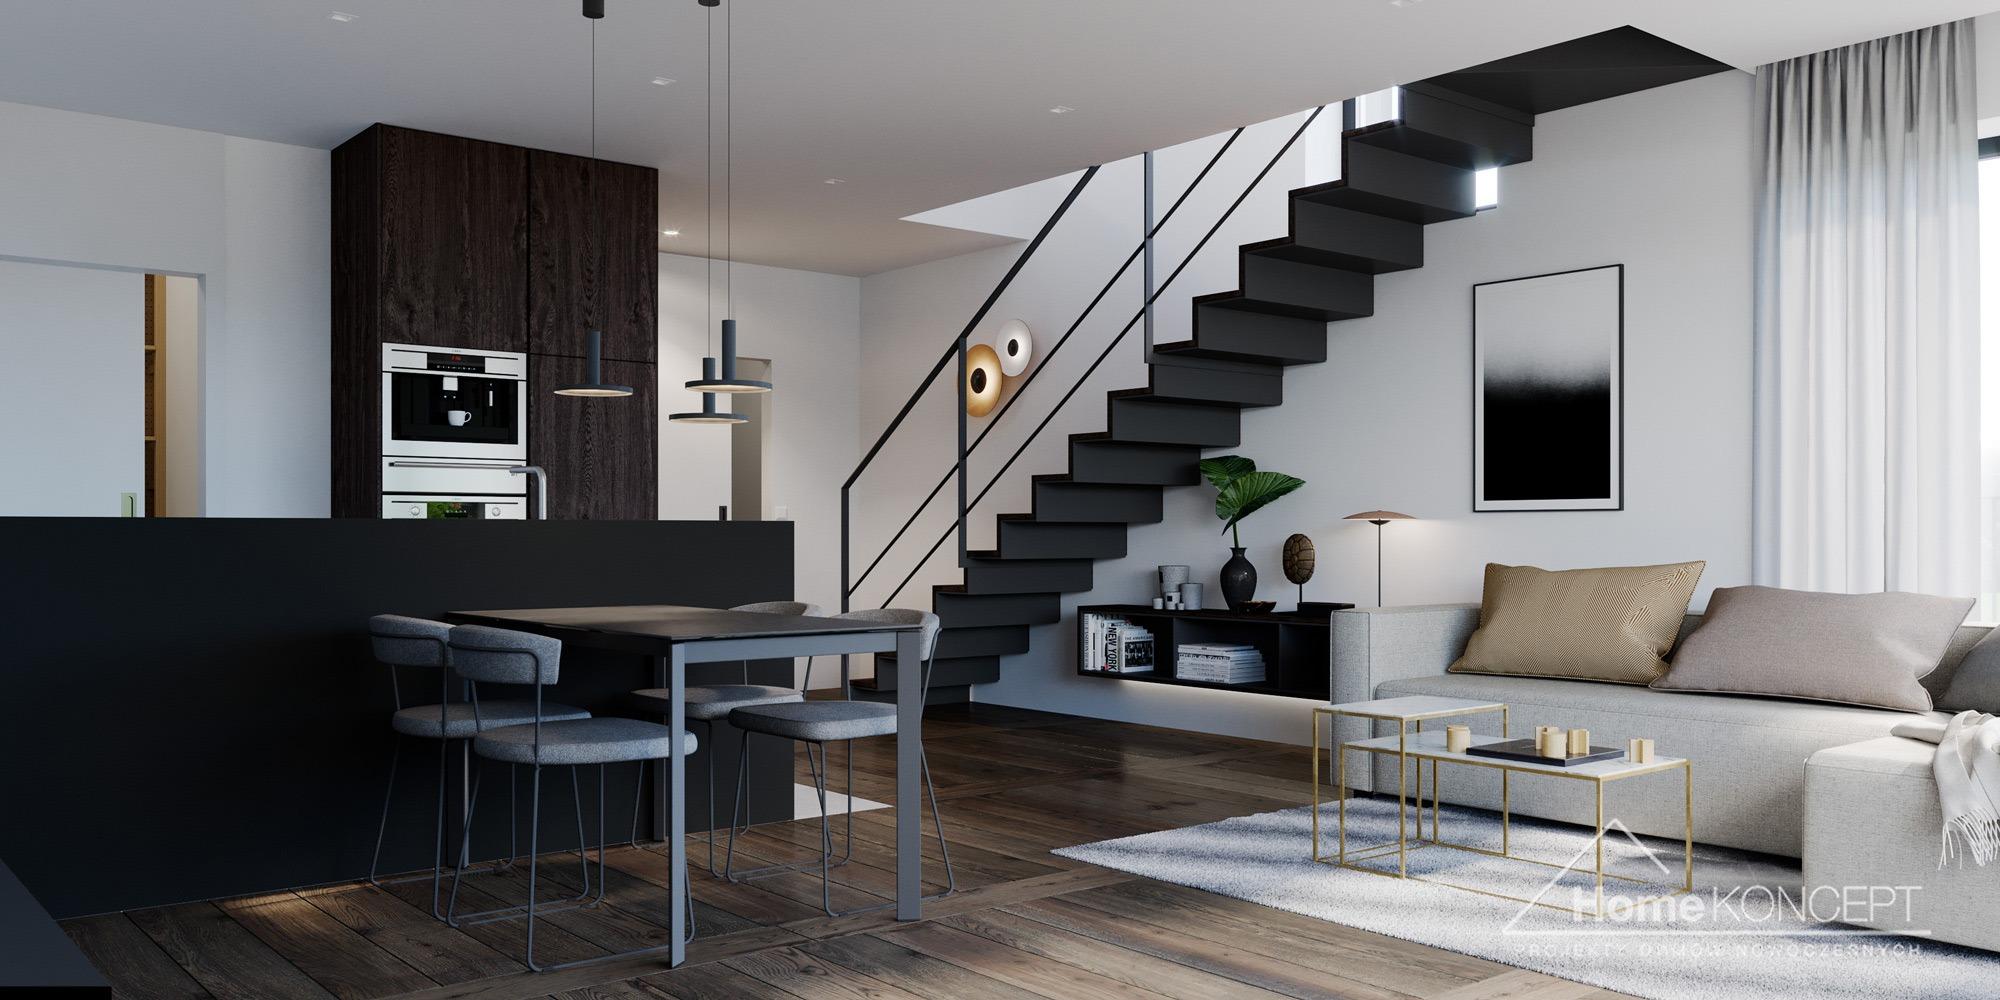 prestige house projekty nowoczesne wnetrza 2018 34